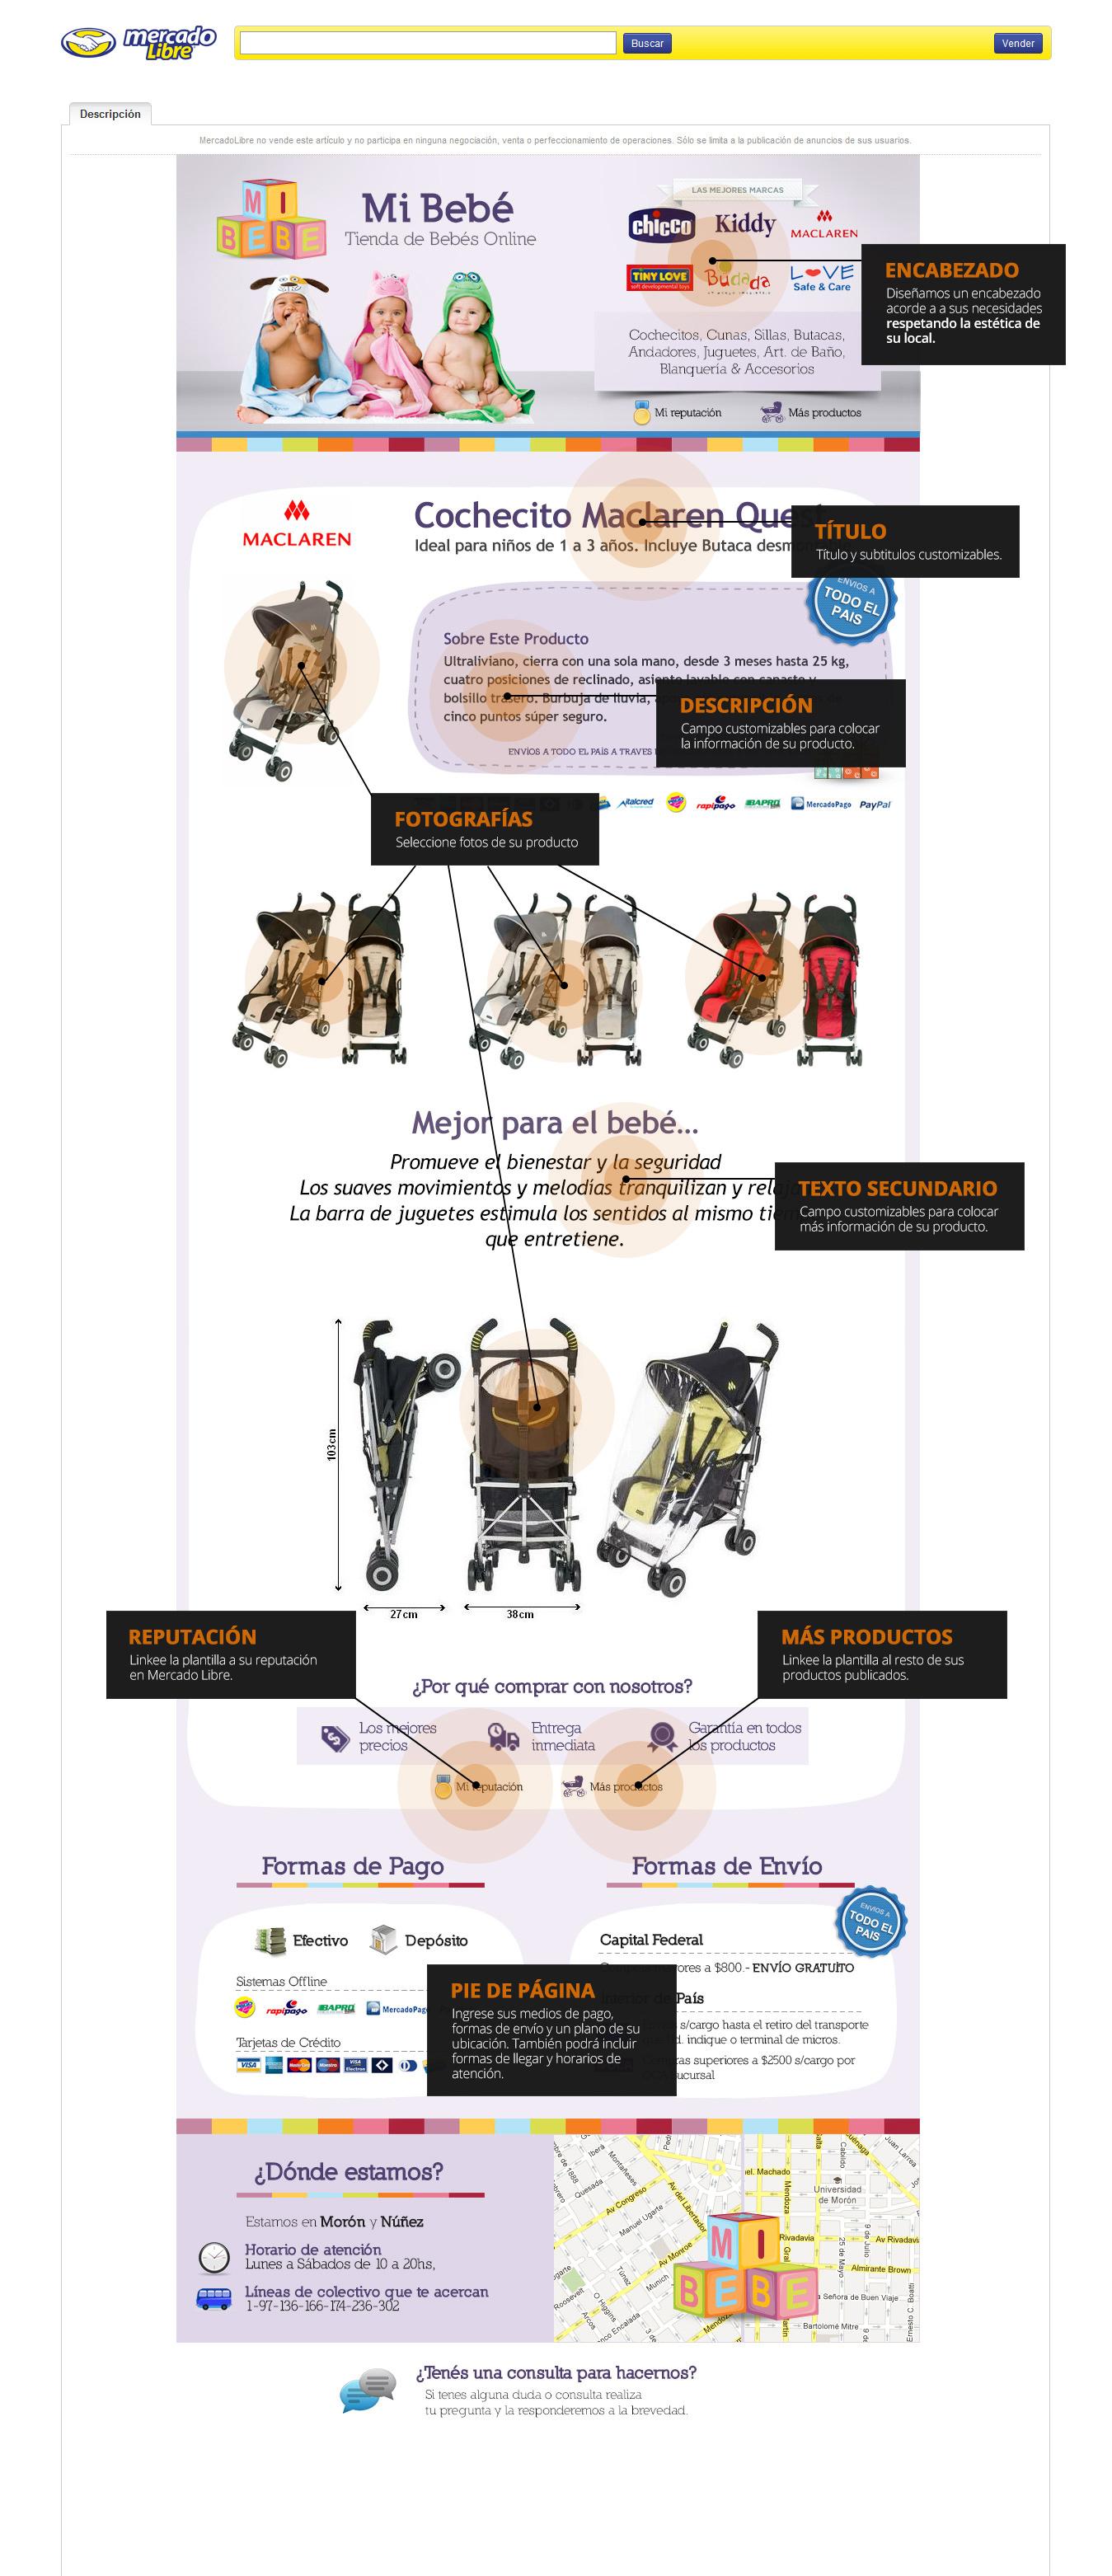 Diseño de plantillas Mercado Libre | The Crew Studio